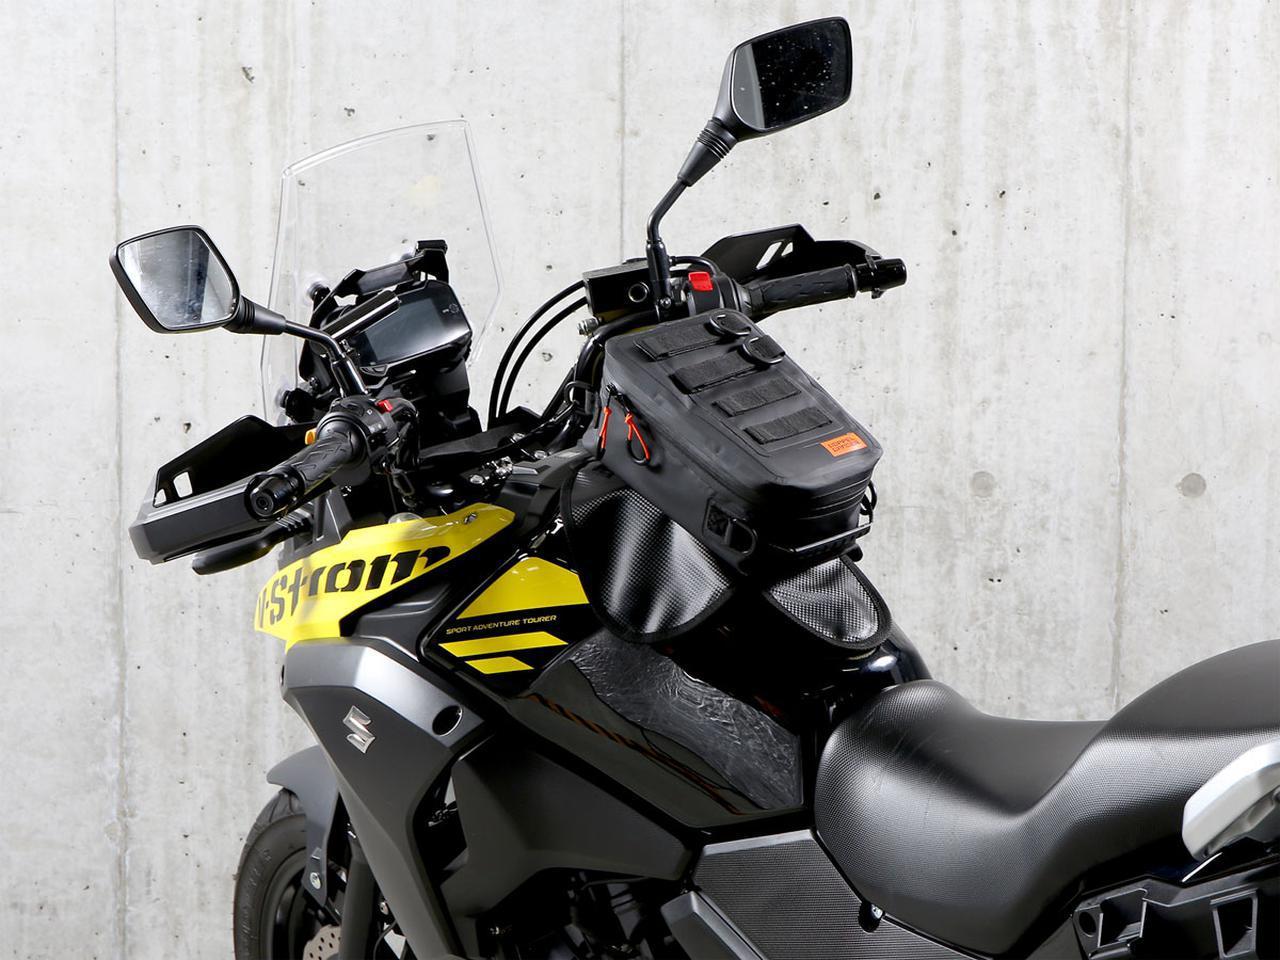 画像: 防水設計で着脱も簡単なタンクバッグ! マグネットタイプの「ターポリンタンクバッグ タクティクス」をドッペルギャンガーが発売 - webオートバイ